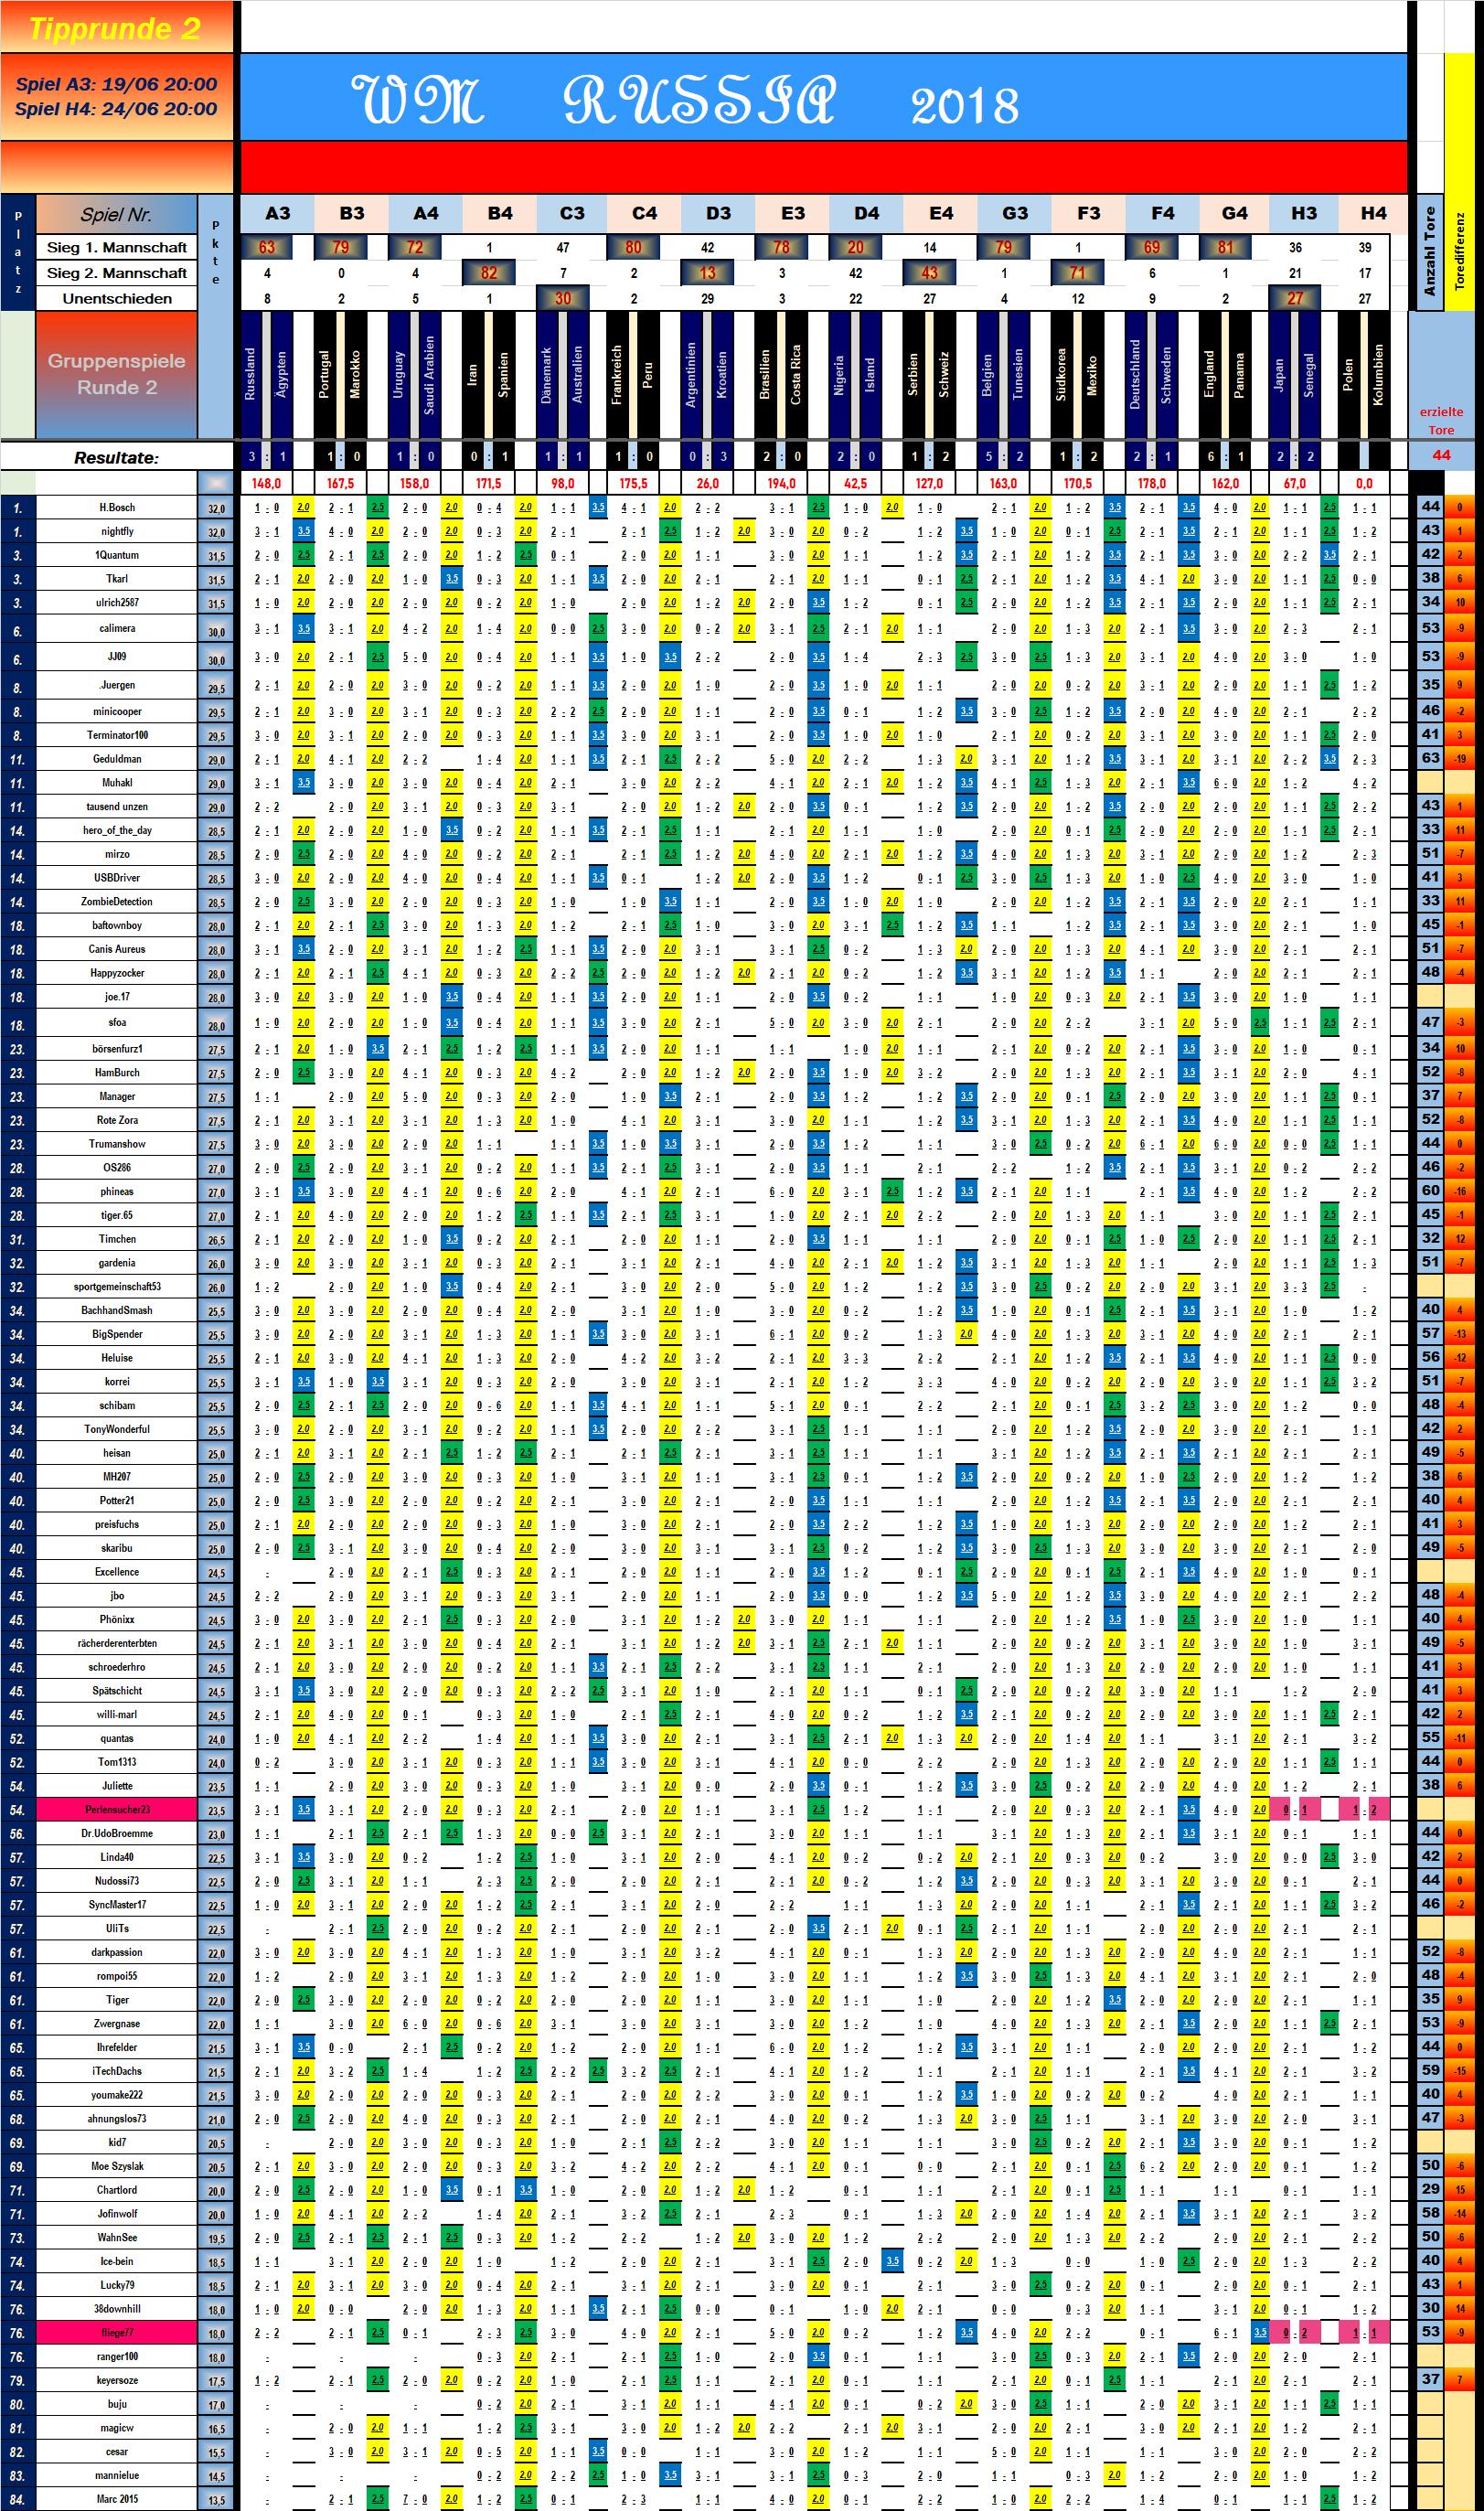 tabelle_vorrunde_2_spiel_15.png